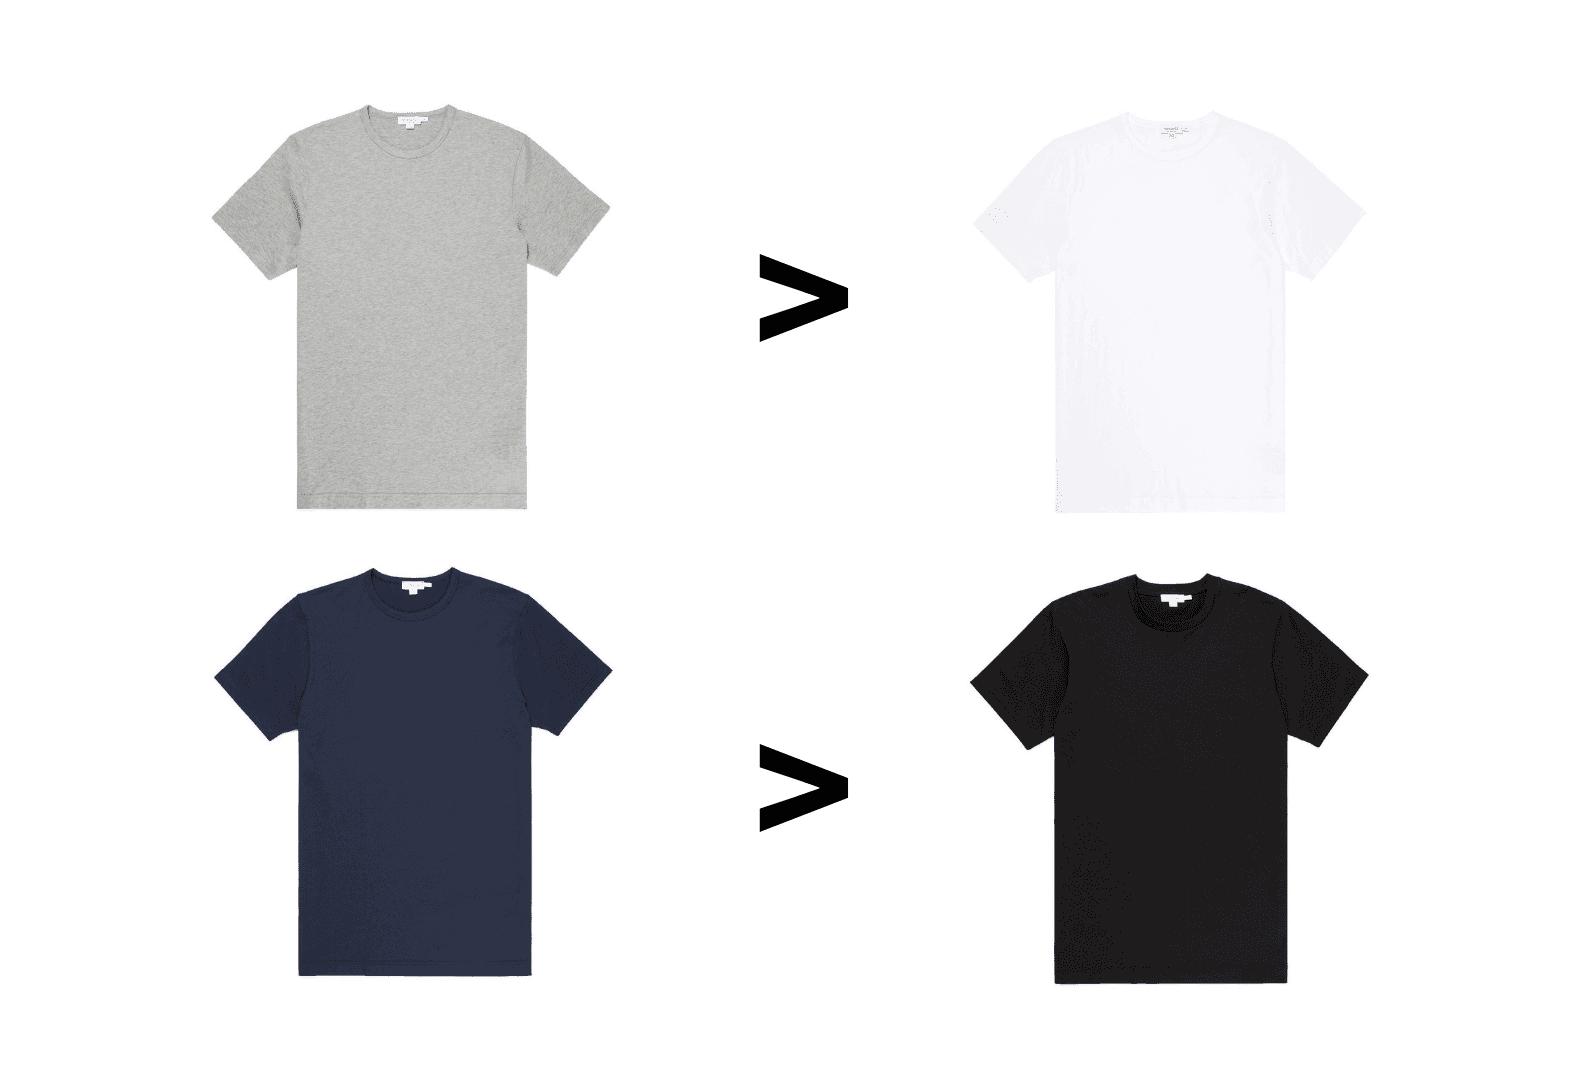 T shirt colors